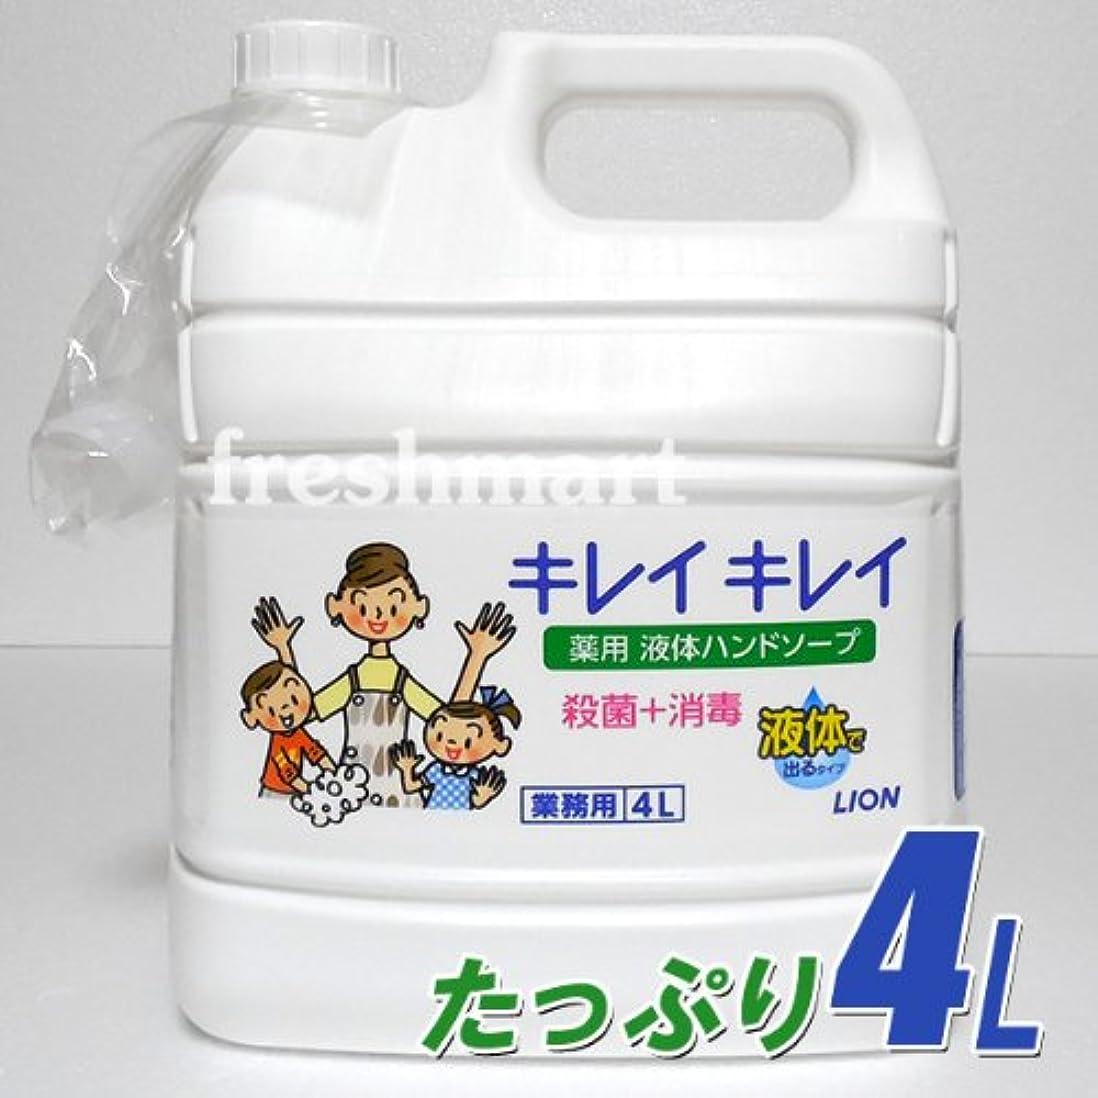 明確な耳オートマトン☆100%植物性洗浄成分使用☆ ライオン キレイキレイ 薬用液体ハンドソープ つめかえ用4L 業務用 大容量 ボトル